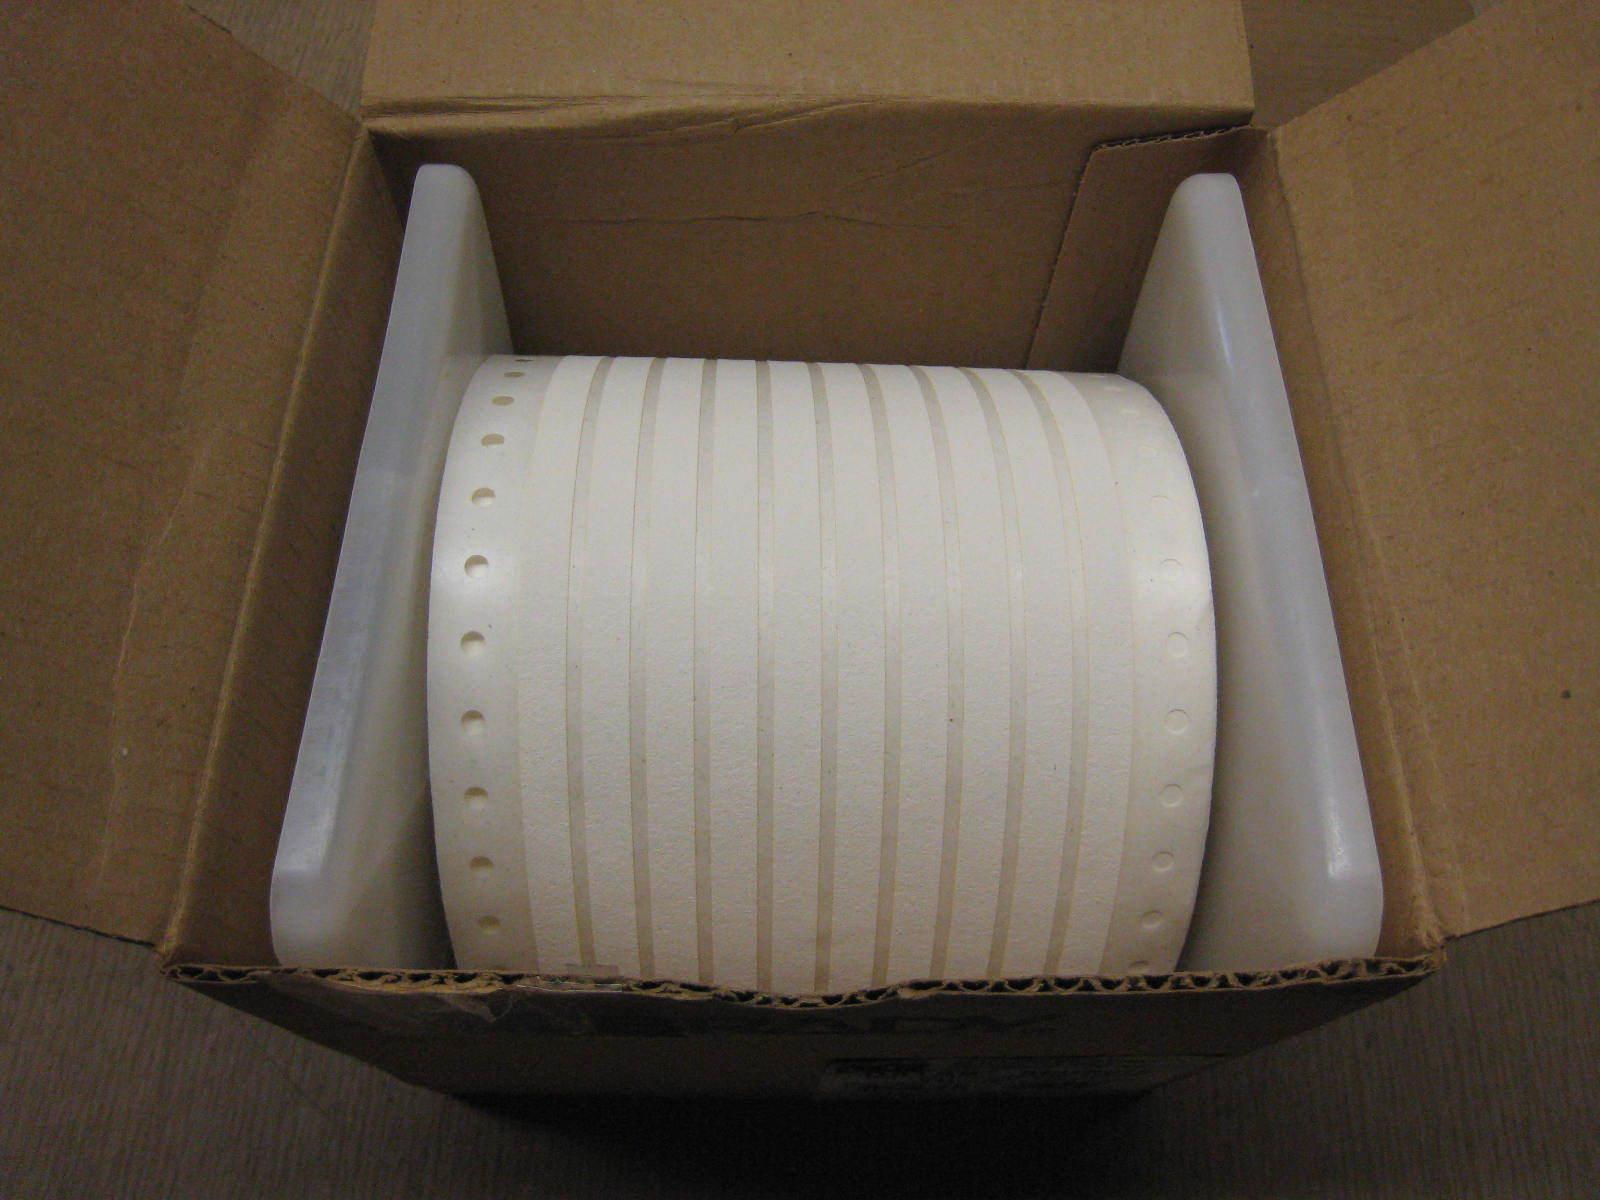 BRADY DAT-33-292-1 DAT332921 NEW IN BOX